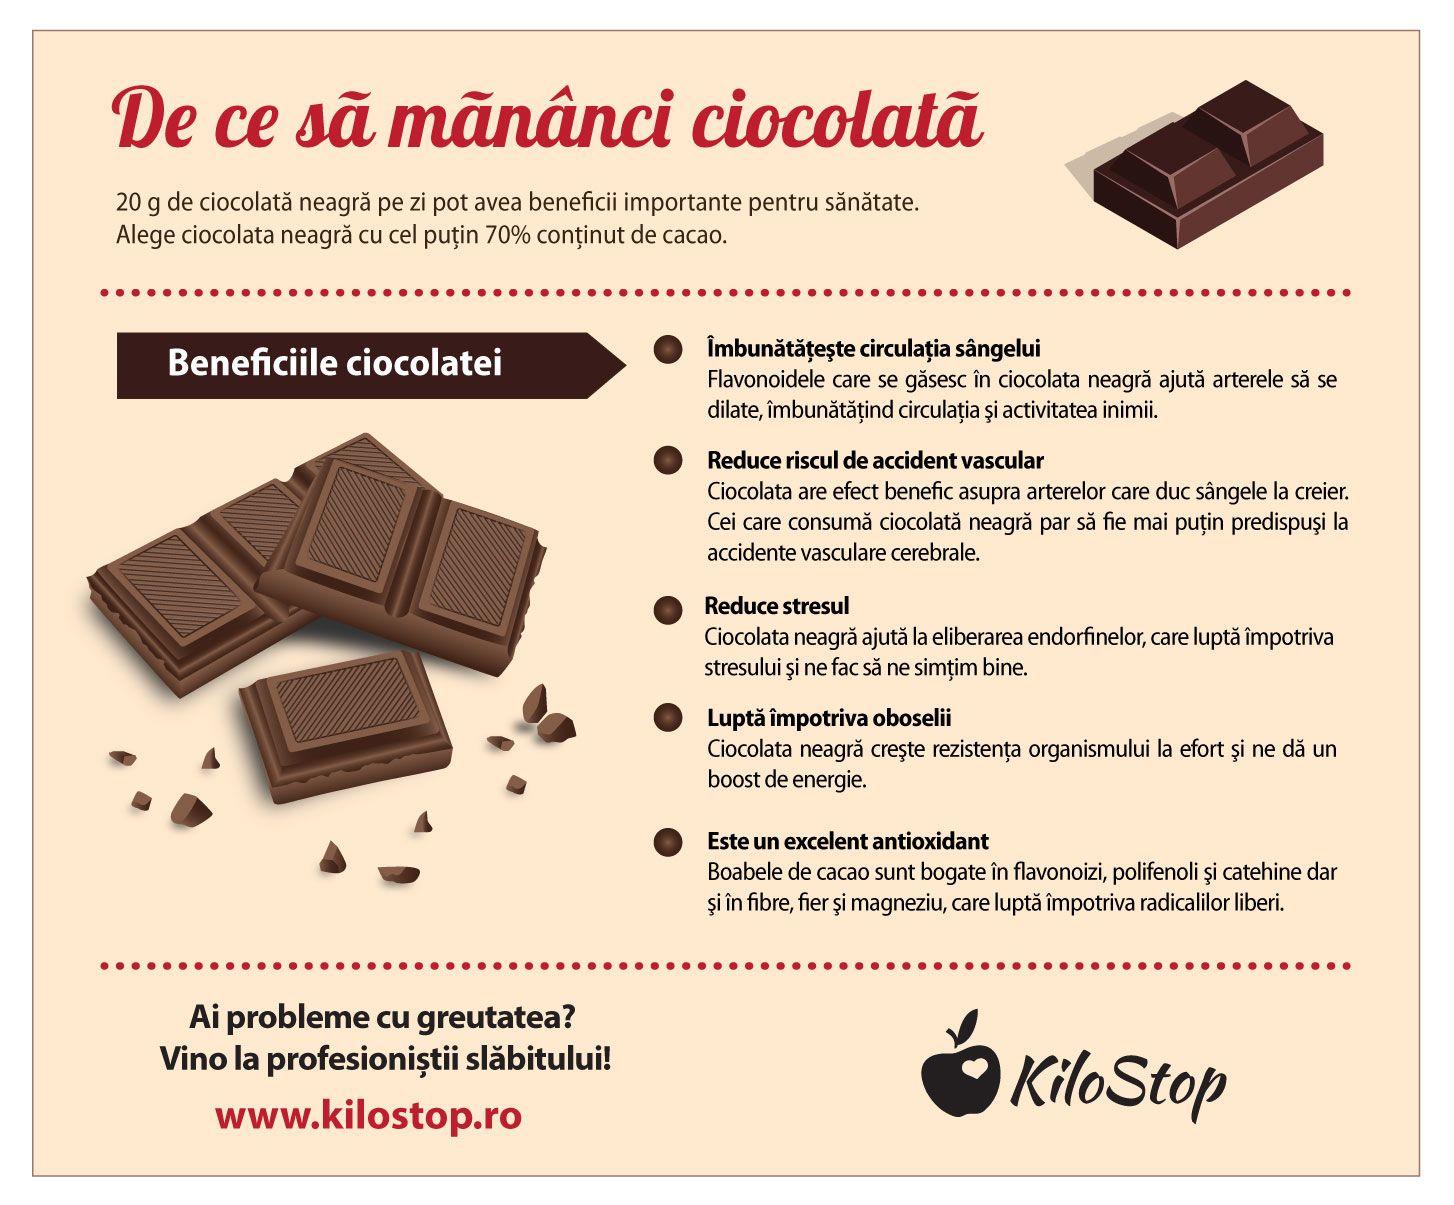 pierderi în greutate de cacao sara dickson pierdere în greutate